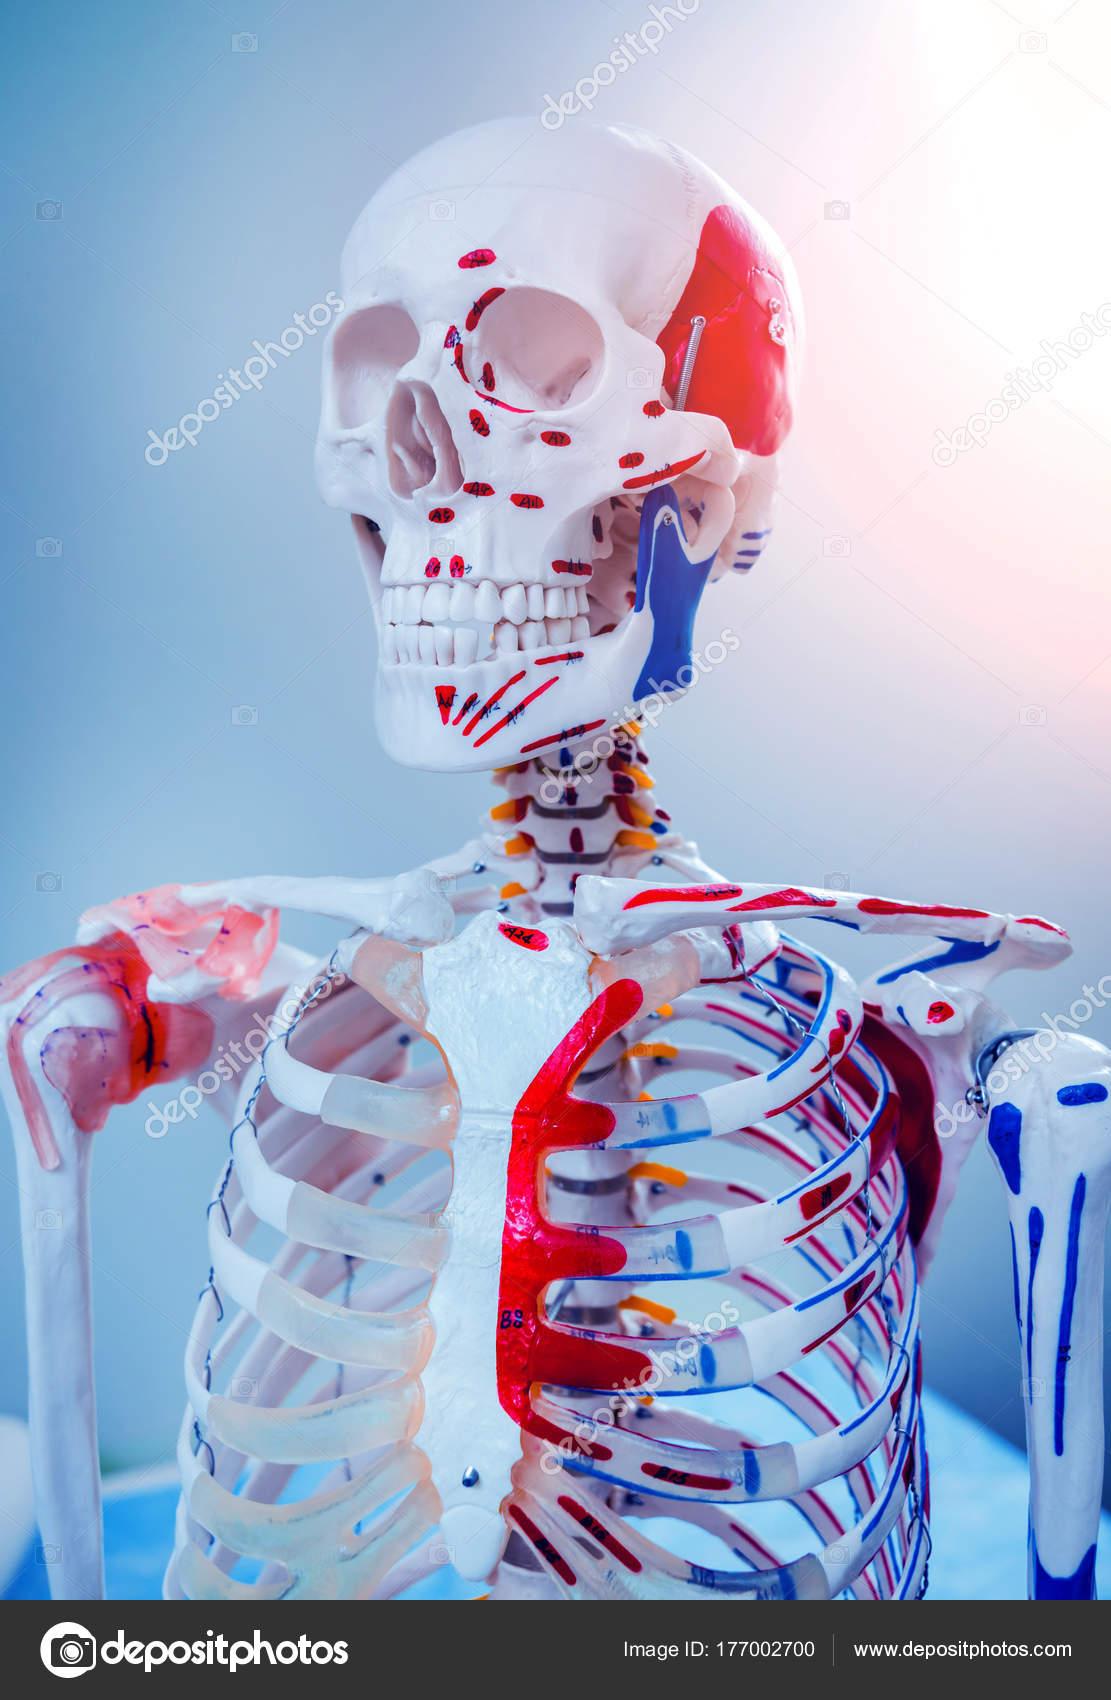 Menschliche Anatomie Modell Arztpraxis — Stockfoto © Romaset #177002700